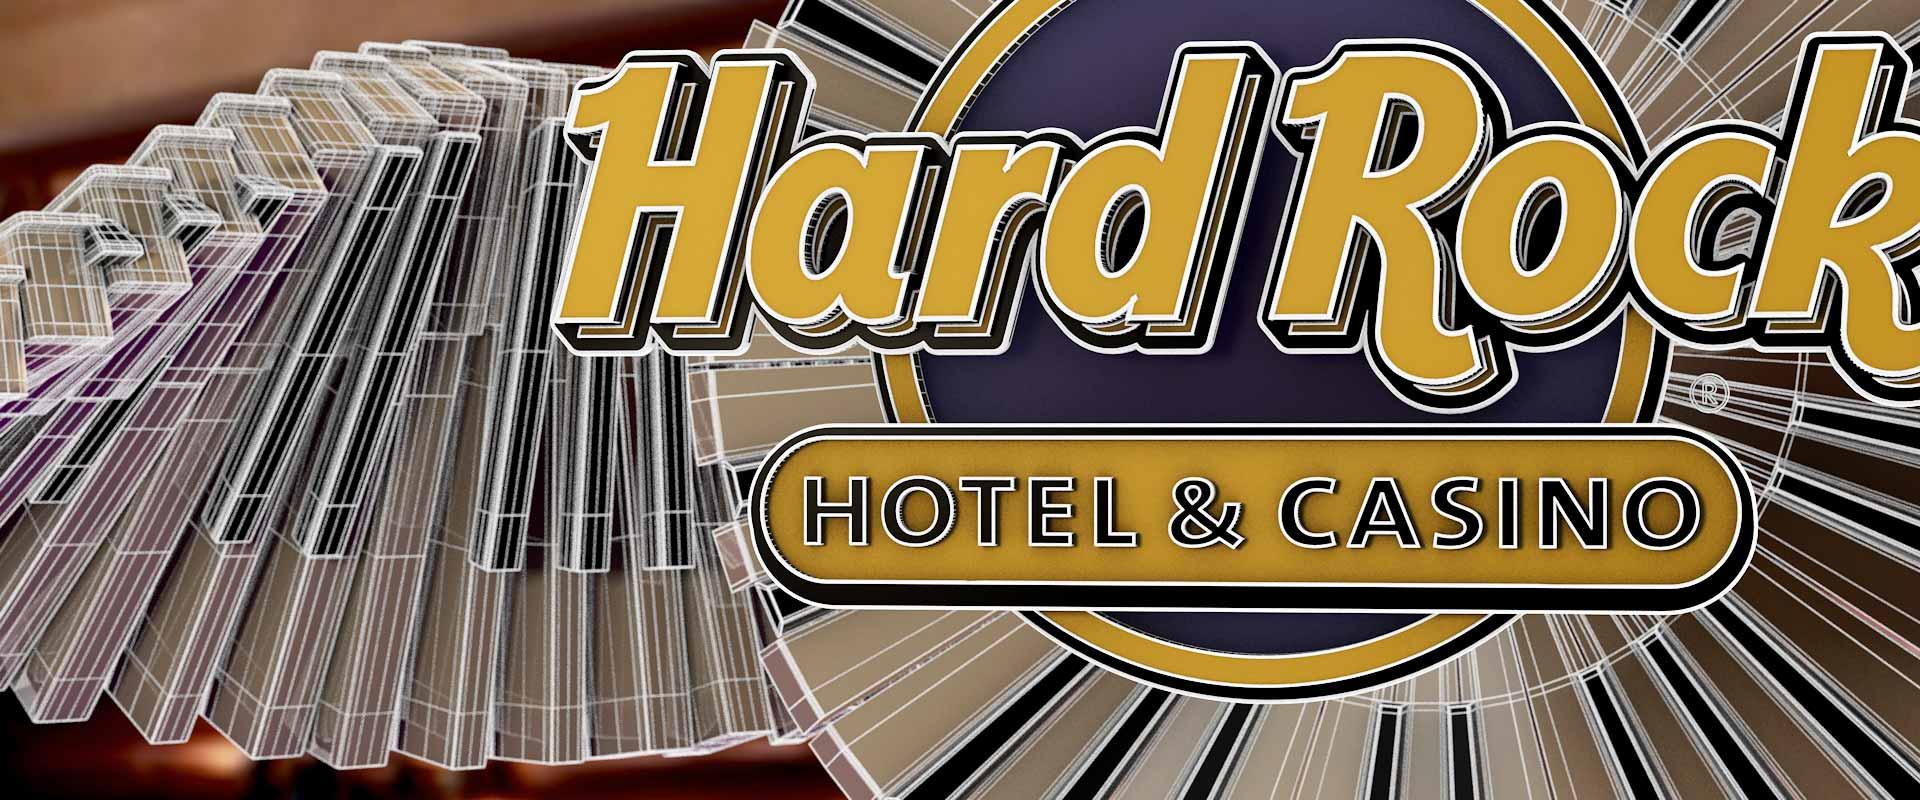 hardrock-rock-lives-here-STILL-01.jpg